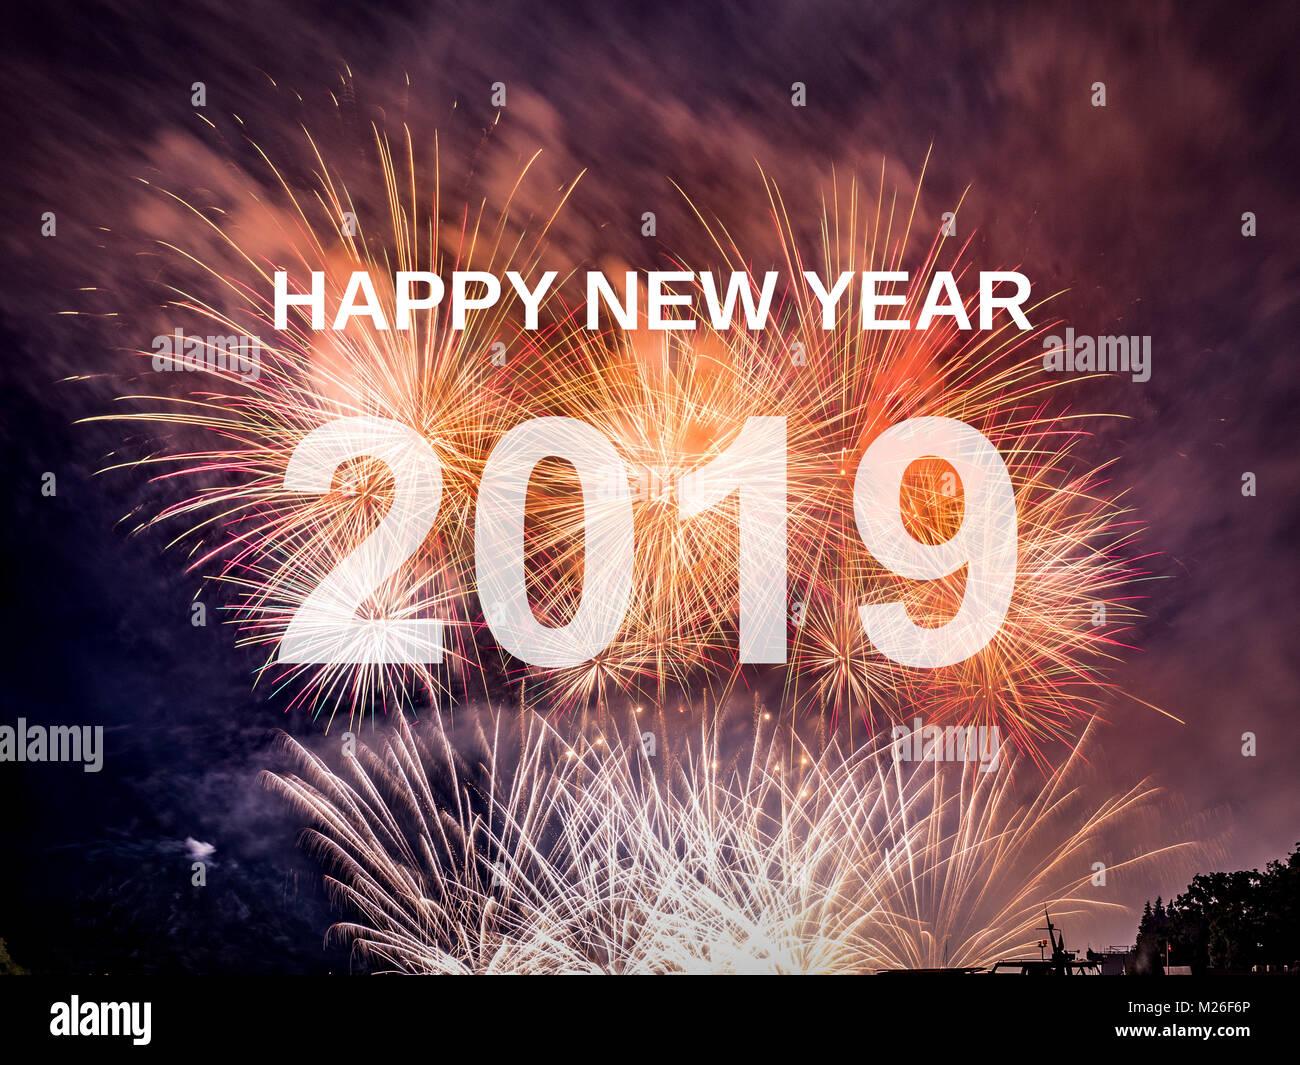 Feliz Ano Nuevo 2019 Con Fuegos Artificiales De Fondo Celebracion